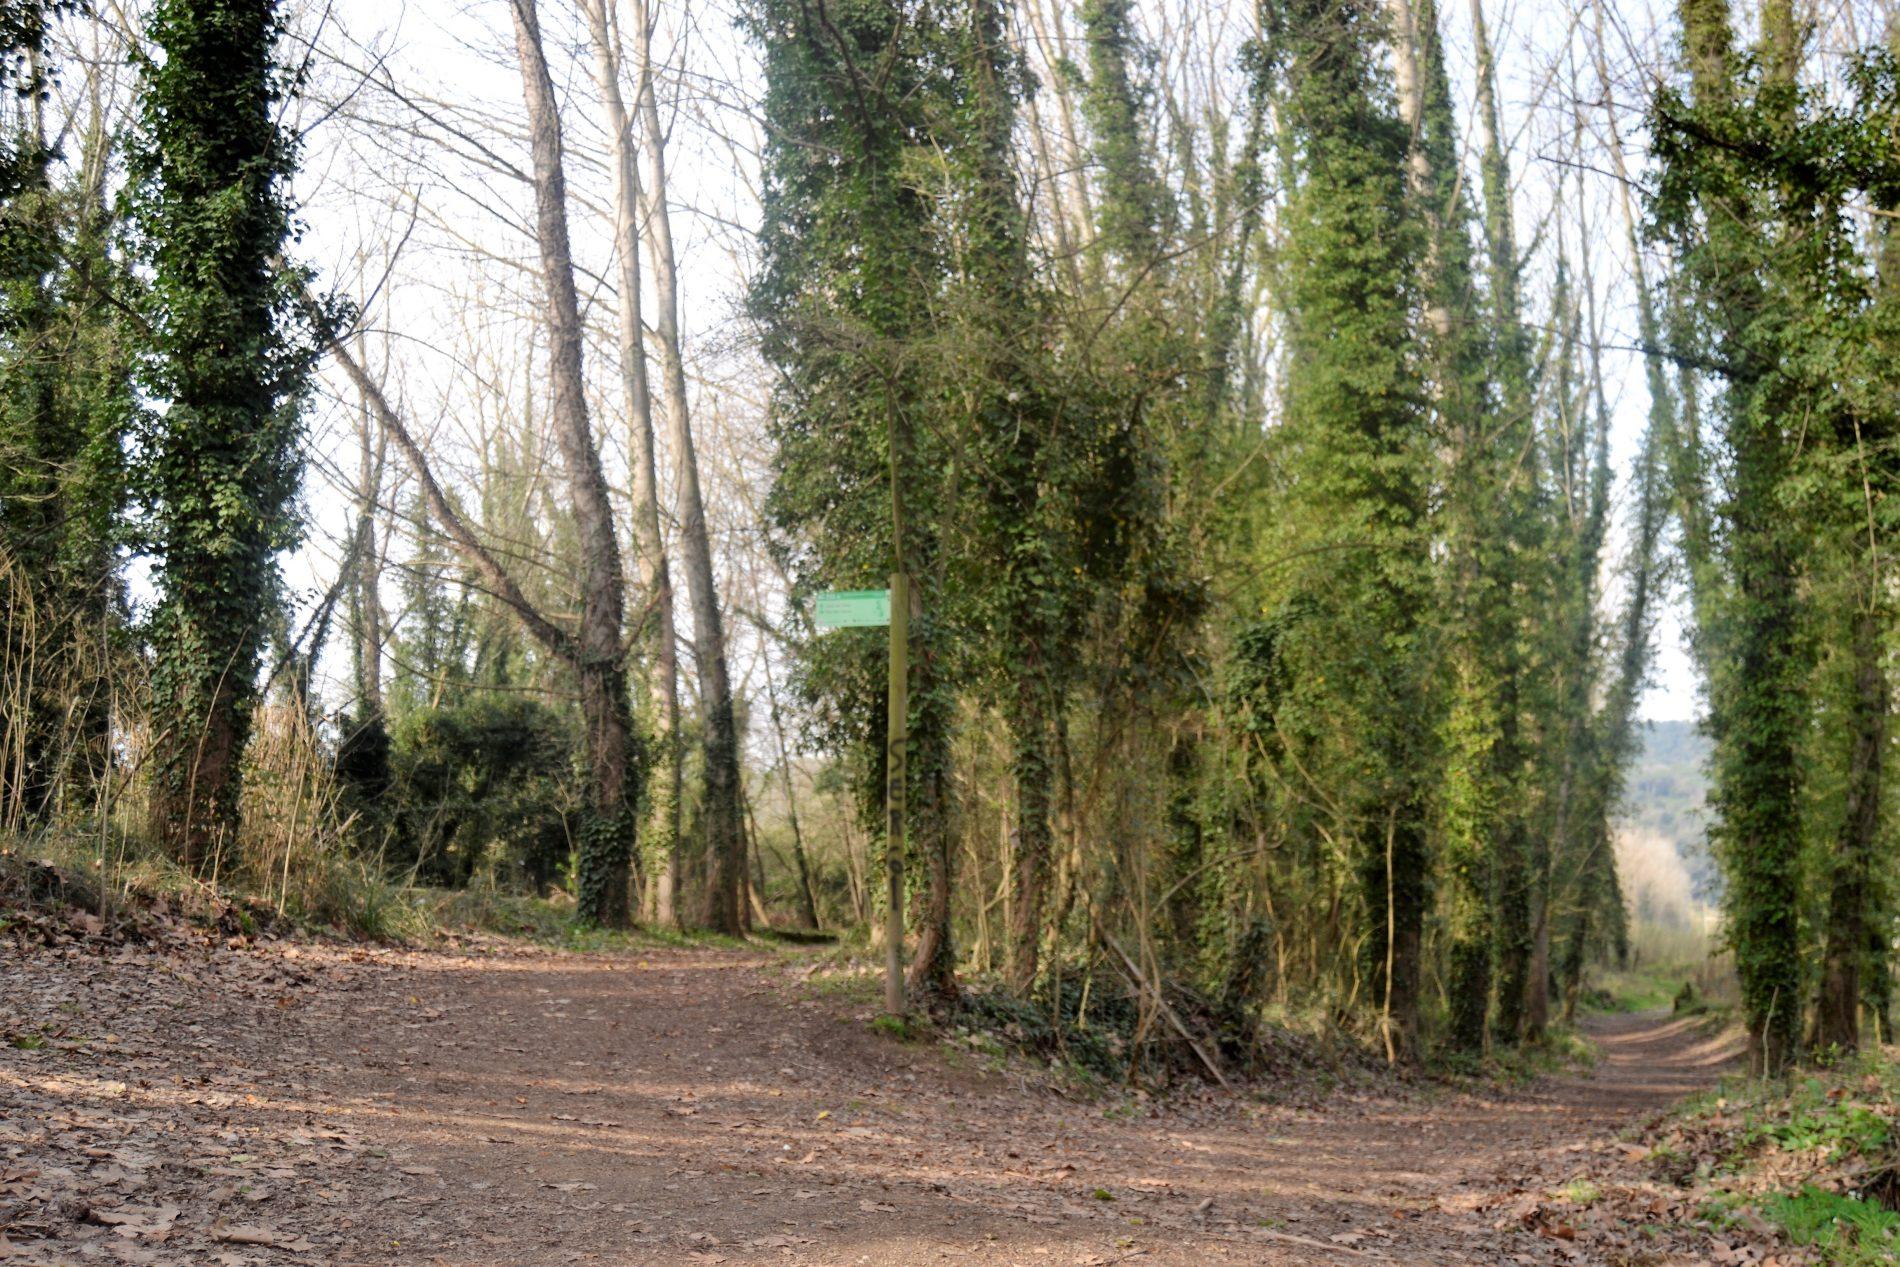 camí al pas dels Carros - Bescanó